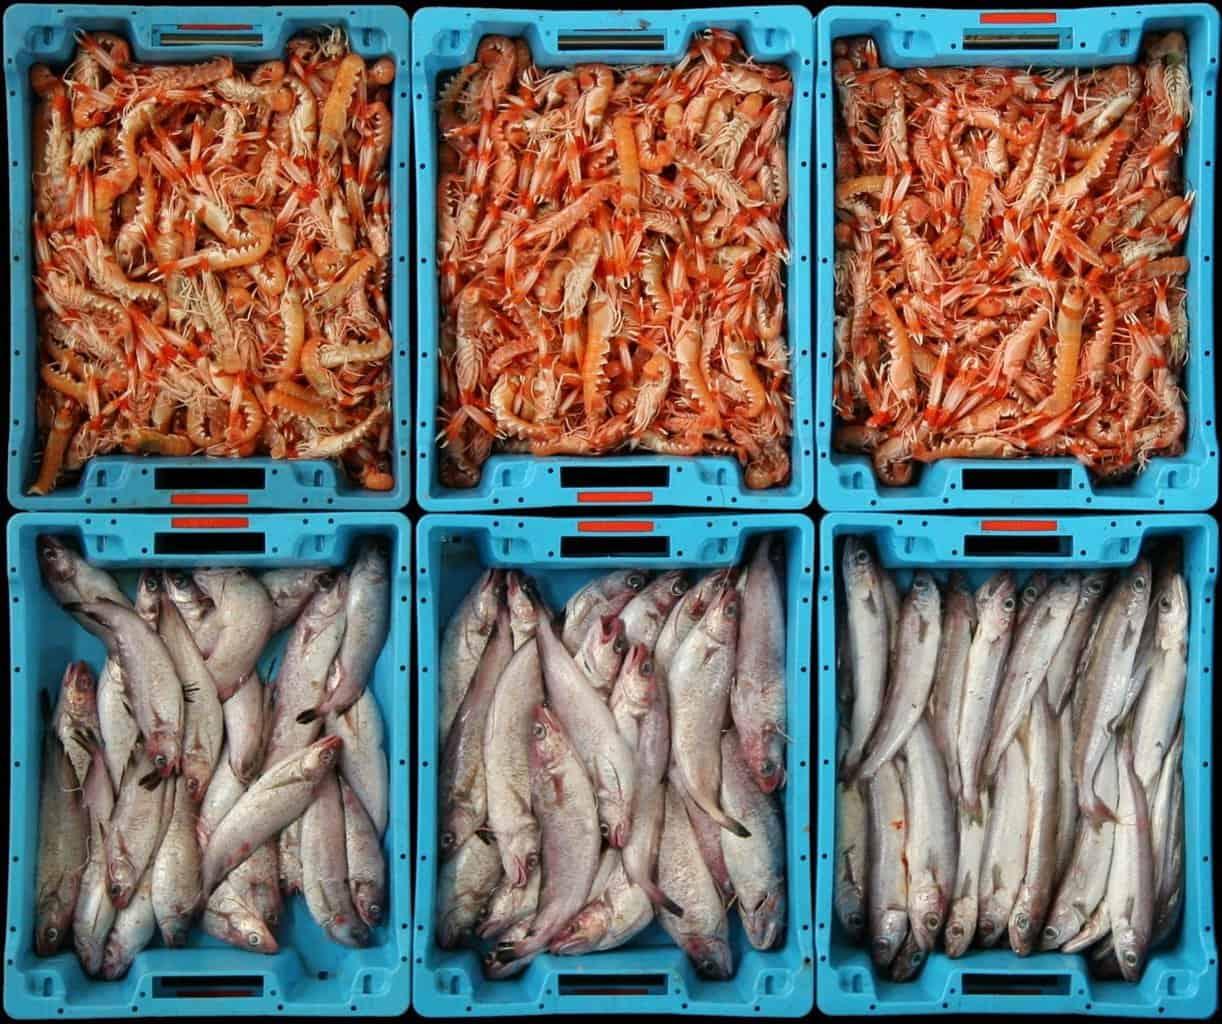 Лотки со свежей рыбой